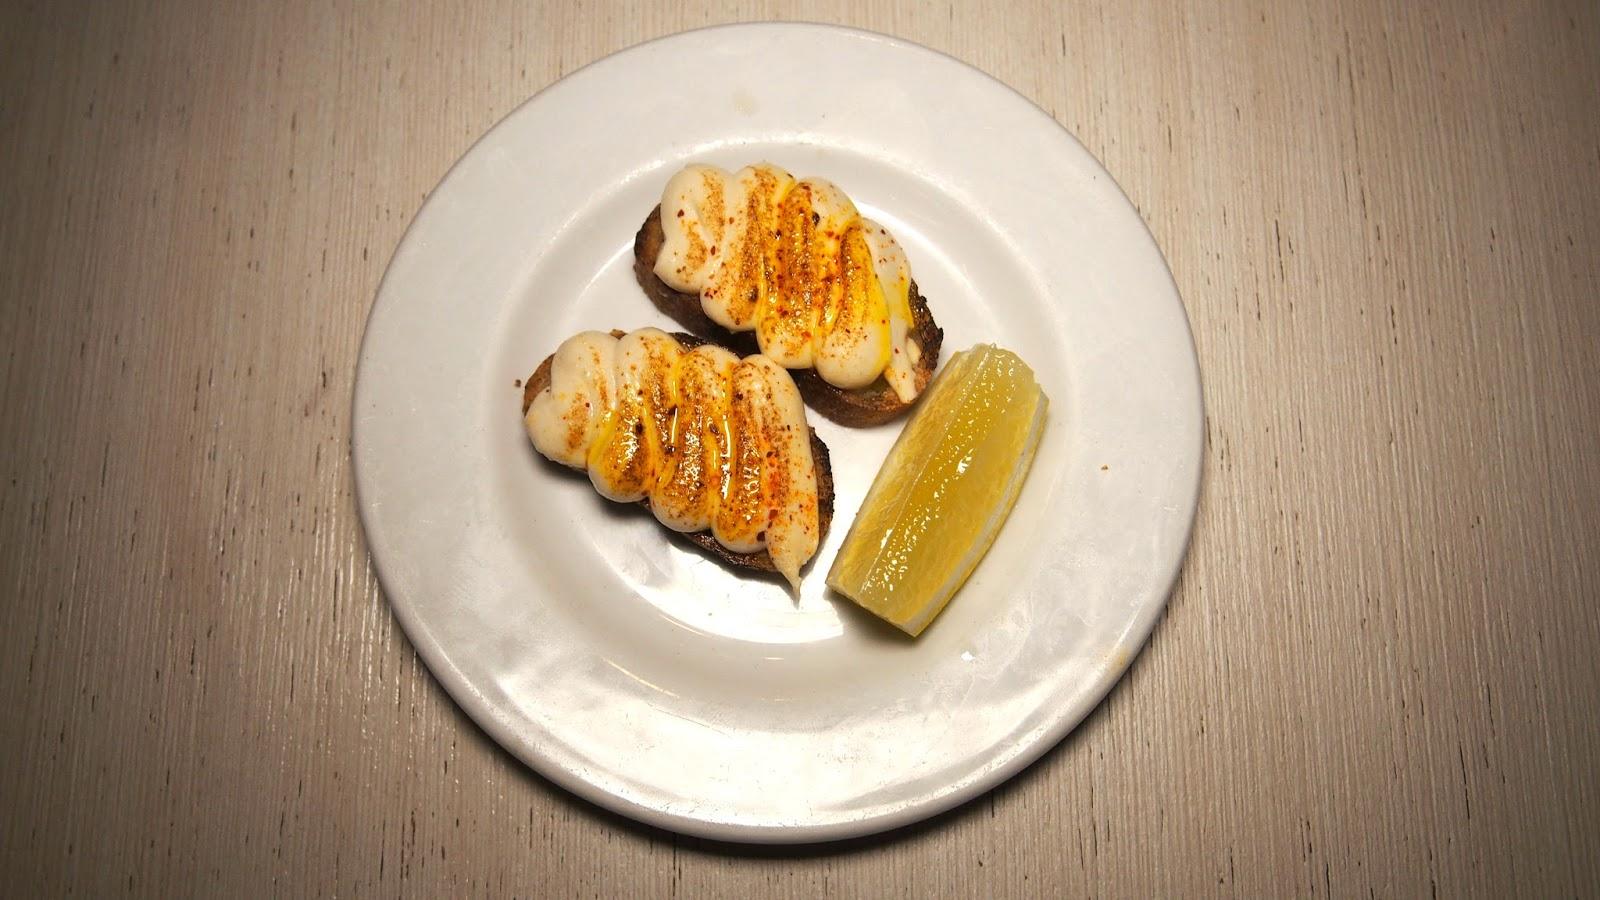 Cod's Roe on toast